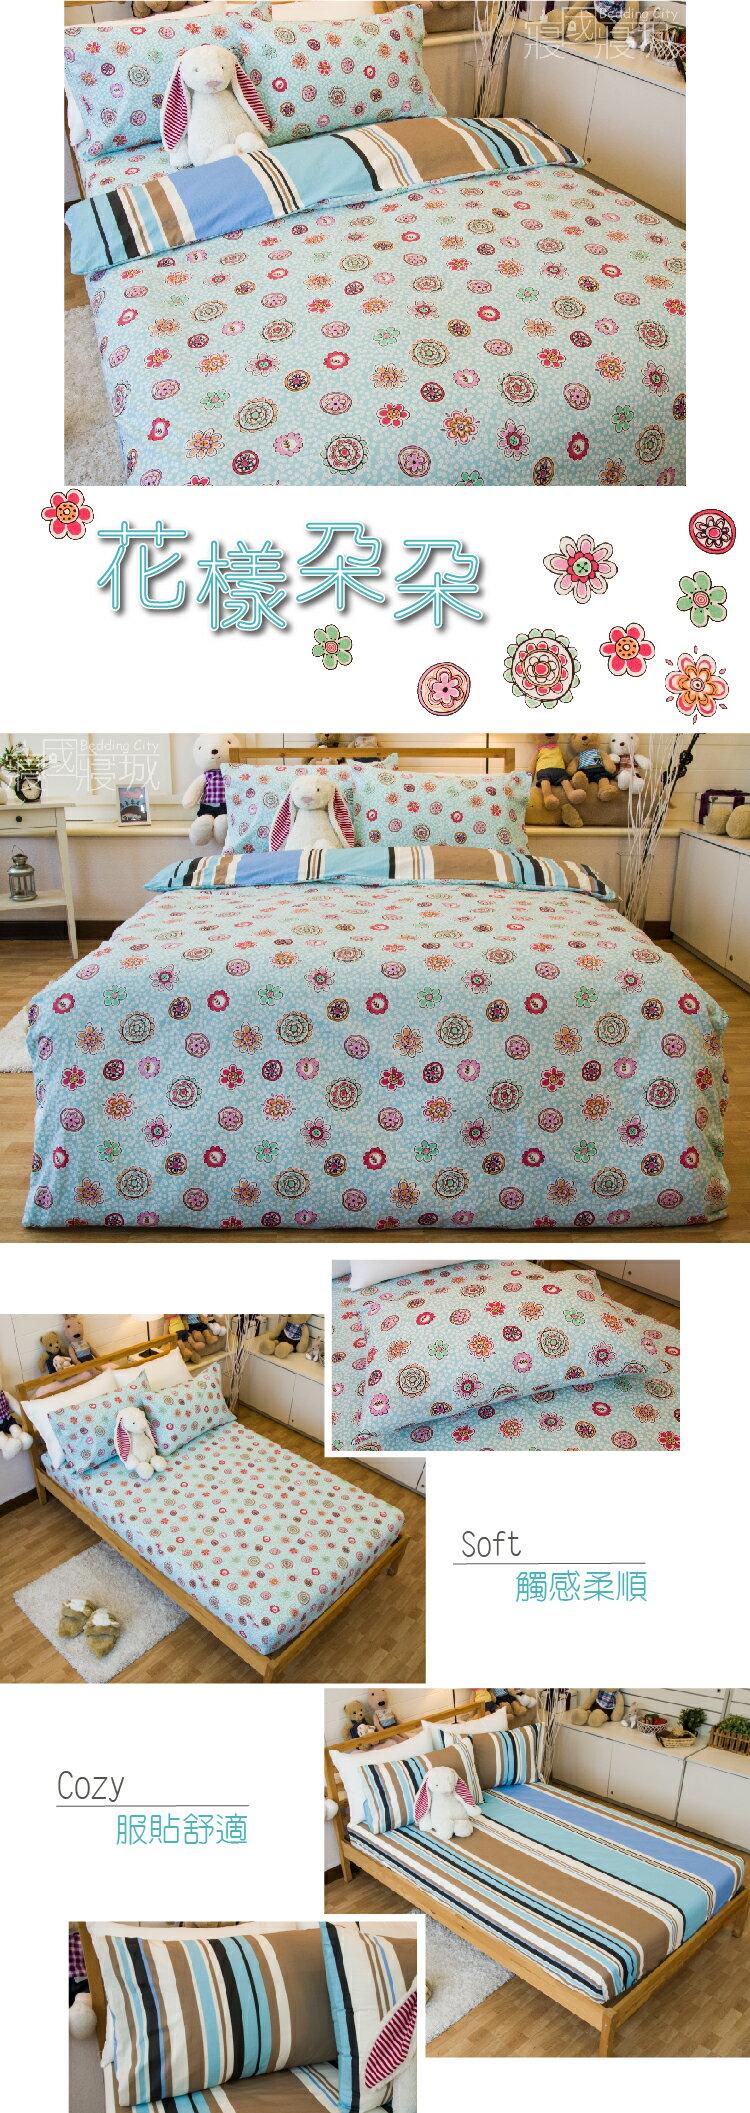 100%精梳棉-加大雙人床包被套四件組 花樣朵朵【大鐘印染、台灣製造】#精梳純綿 1